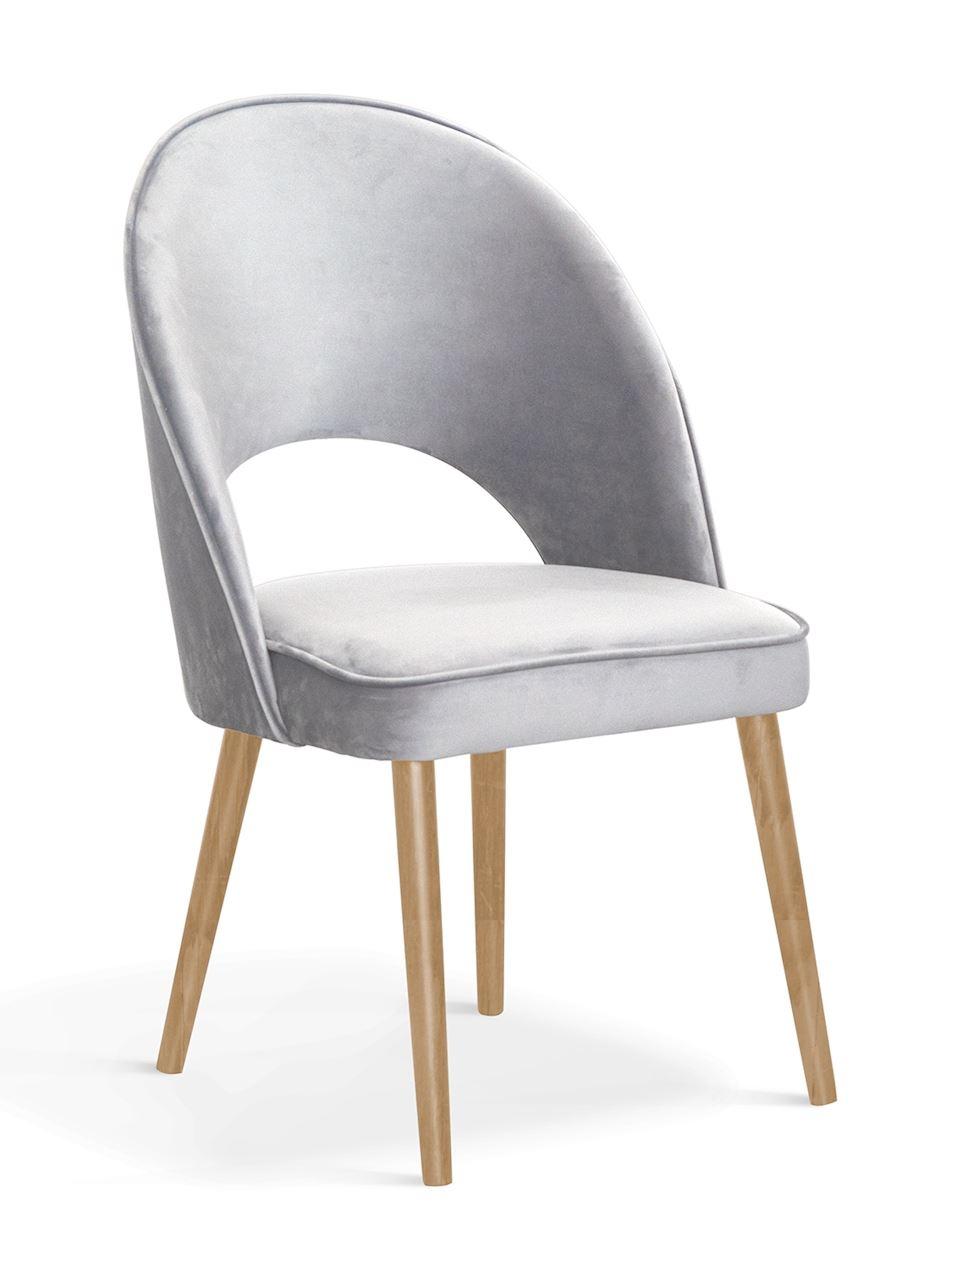 Scaun tapitat cu stofa, cu picioare din lemn Ponte II Argintiu / Stejar, l54xA63xH89 cm